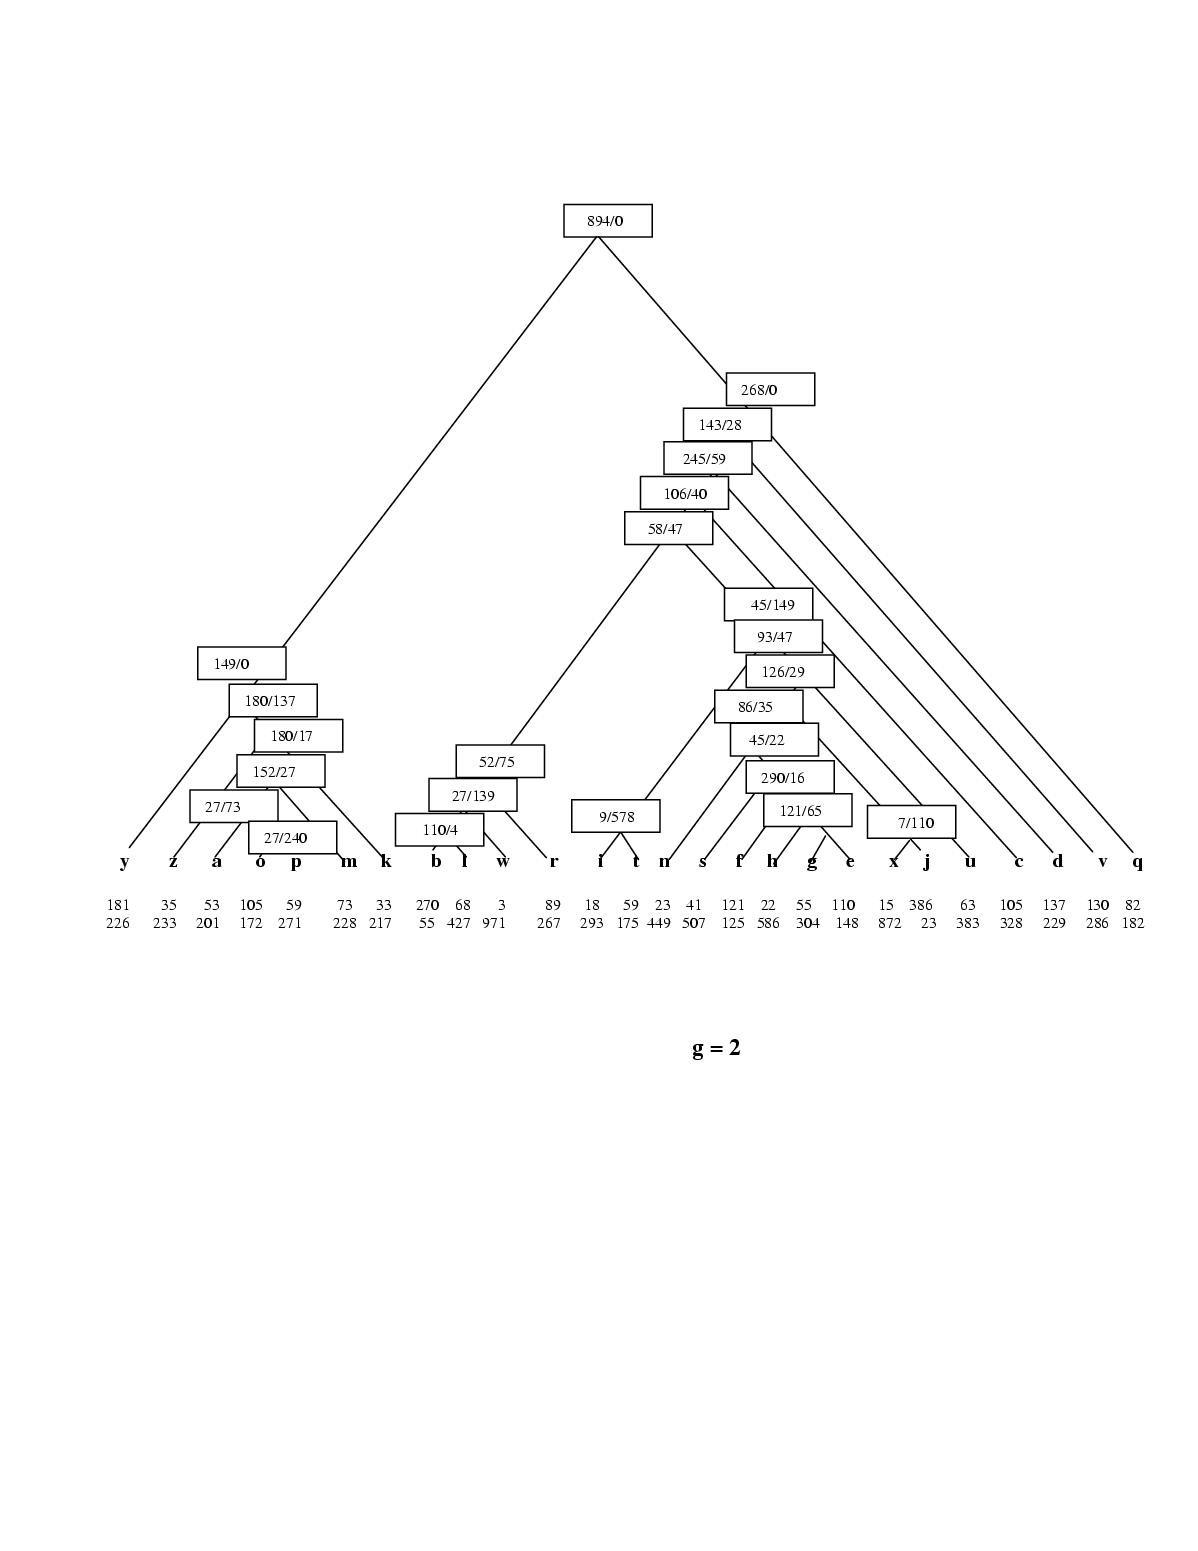 Algorithms For Computing Parsimonious Evolutionary Scenarios For